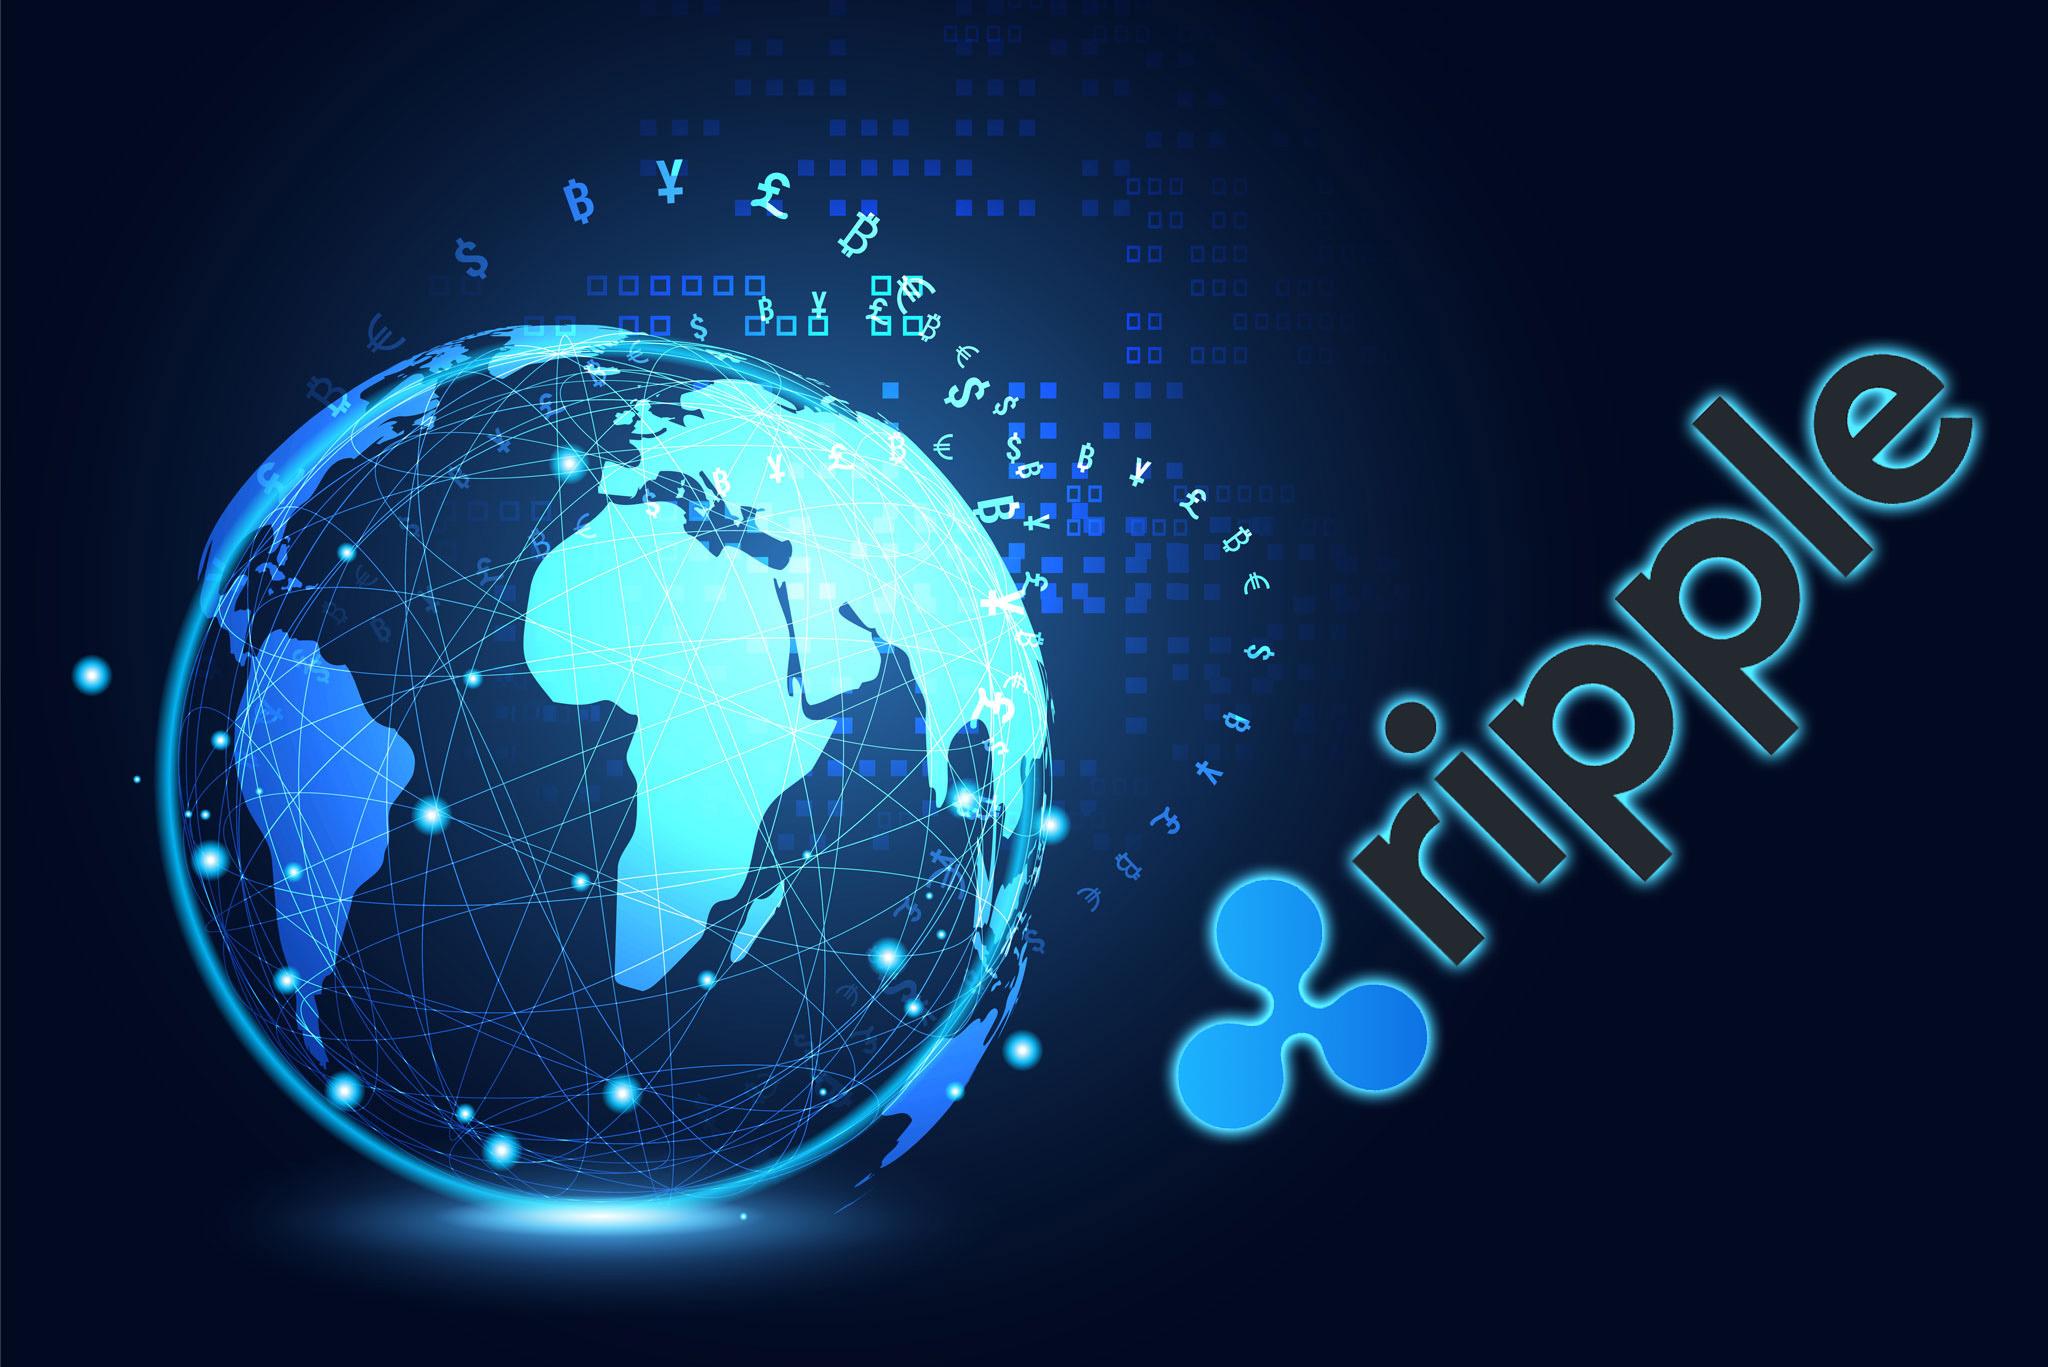 Ripple ve dijital euro ripple dunyayi degistirebilir mi xrp